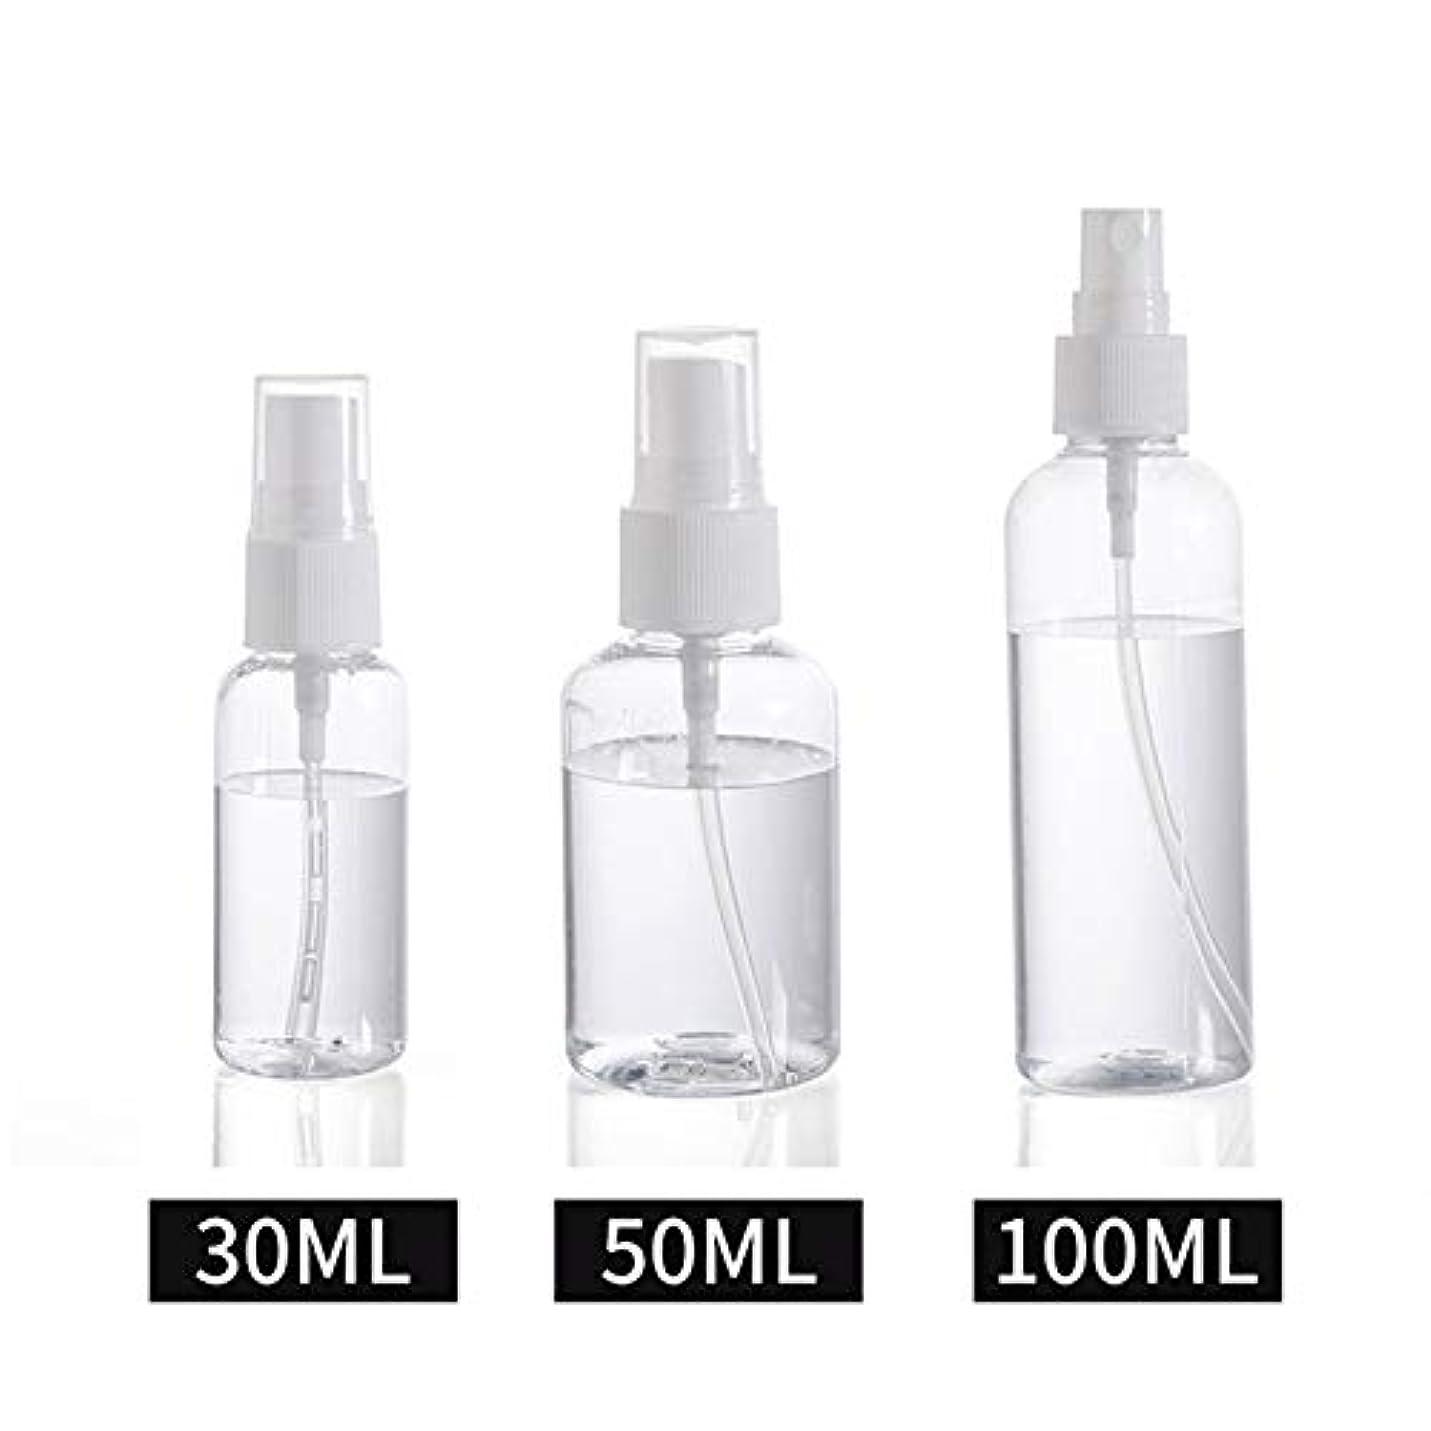 研磨泥沼倒錯30ml / 50ml / 100ml スプレーボトル 小分けボトル 詰め替え シャンプー クリーム 化粧品